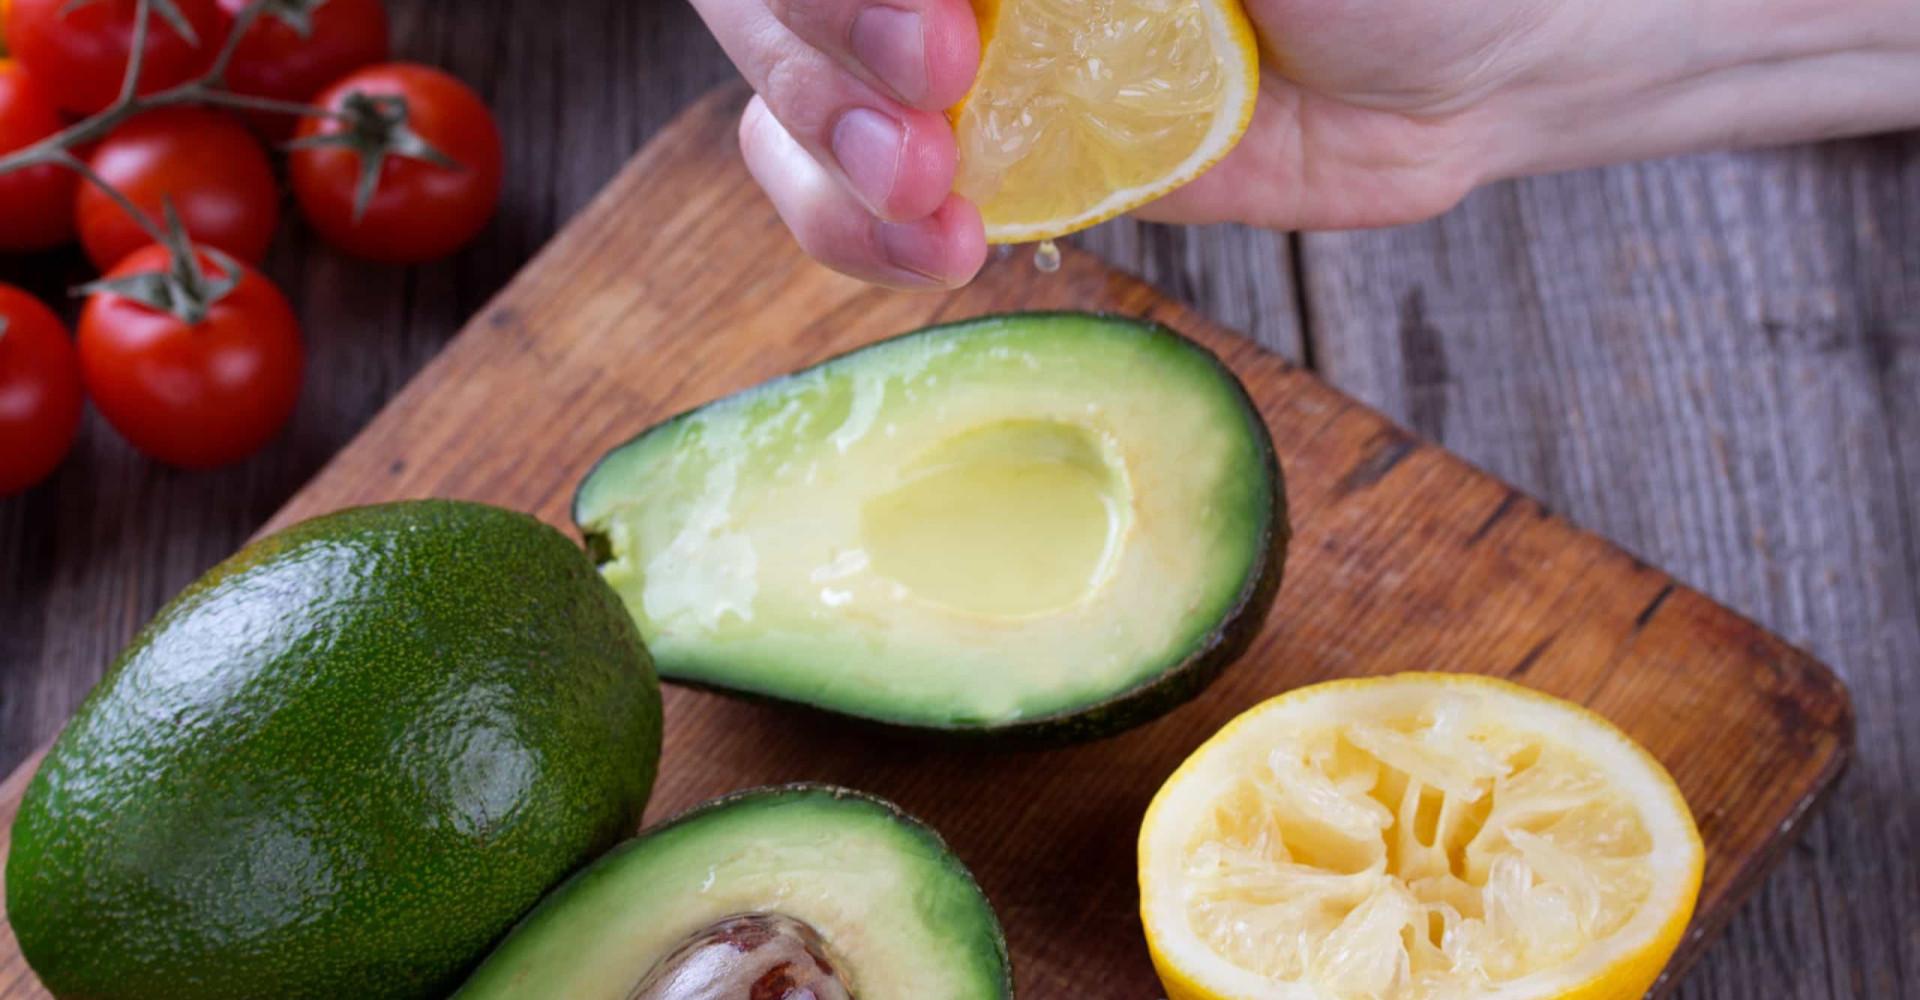 Astuces pour garder vos aliments frais plus longtemps